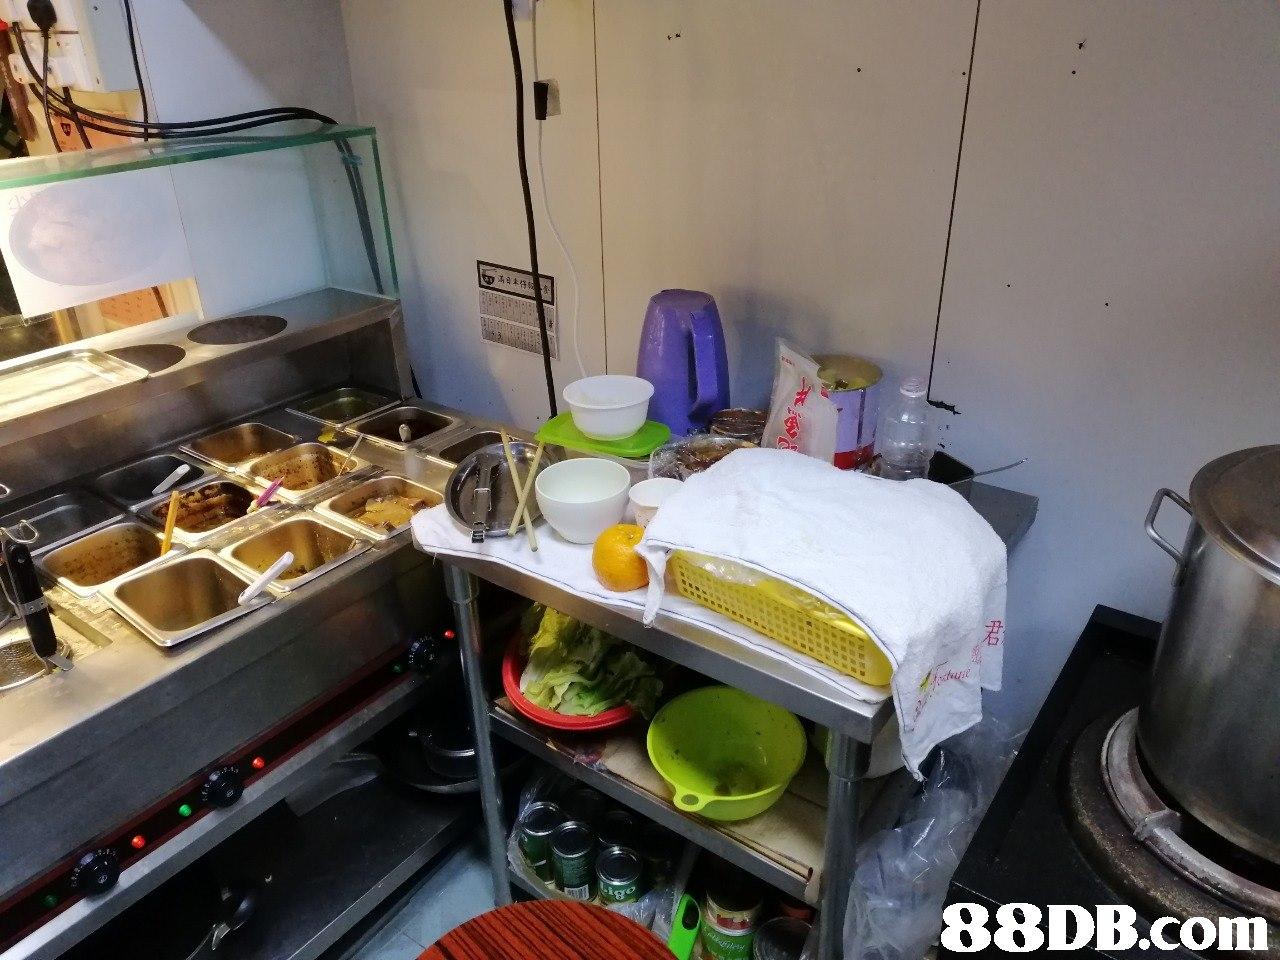 Meal,Room,Brunch,Breakfast,Buffet